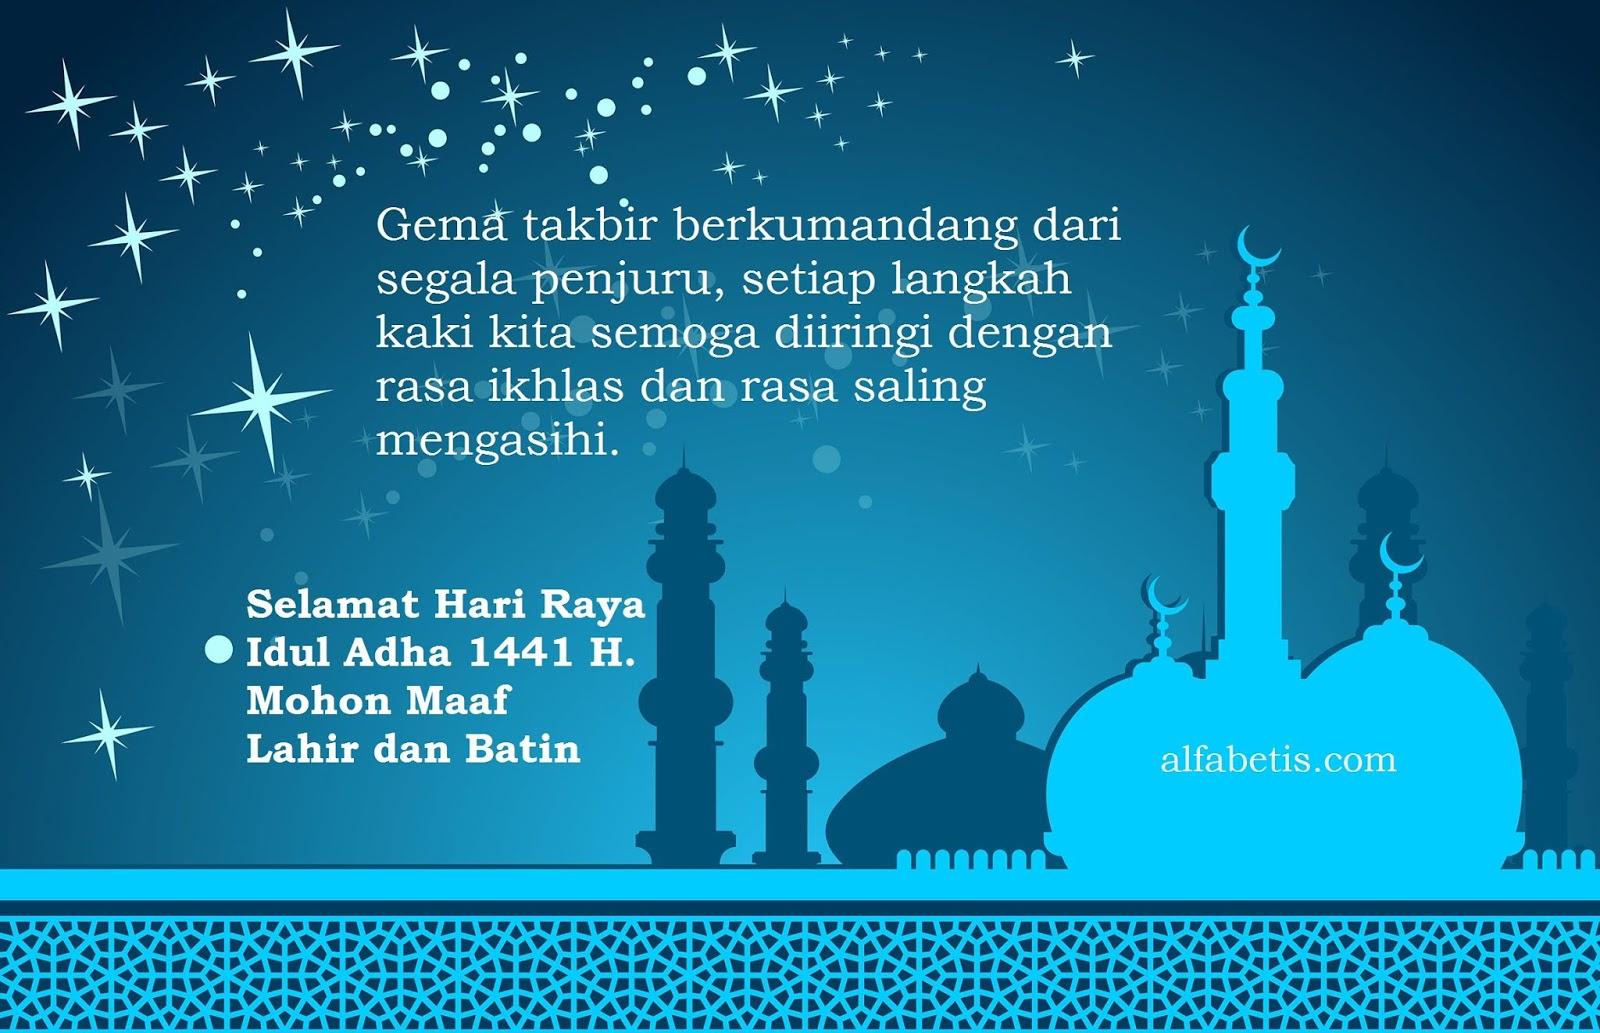 Kartu Ucapan Selamat Idul Adha Untuk Teman-teman